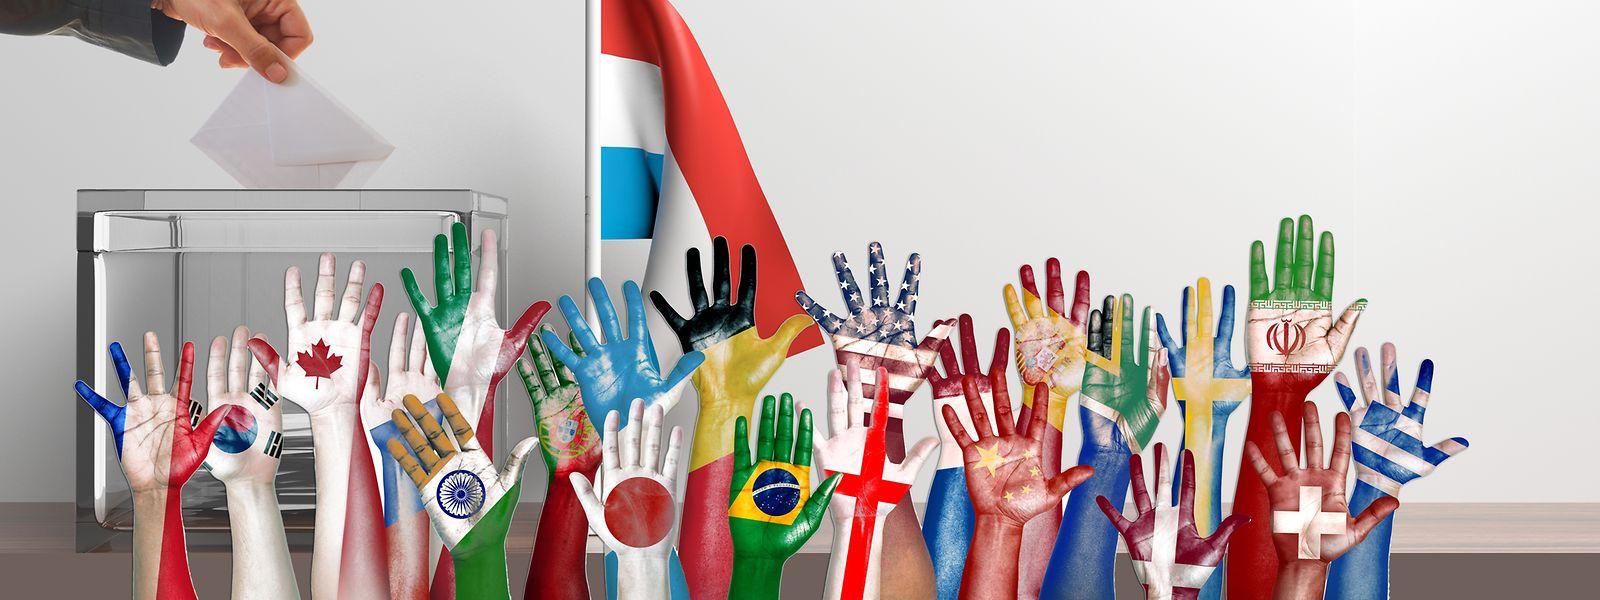 Cefis veröffentlicht umfassenden Bericht über die Beteiligung der Ausländer an den Kommunalwahlen 2017.